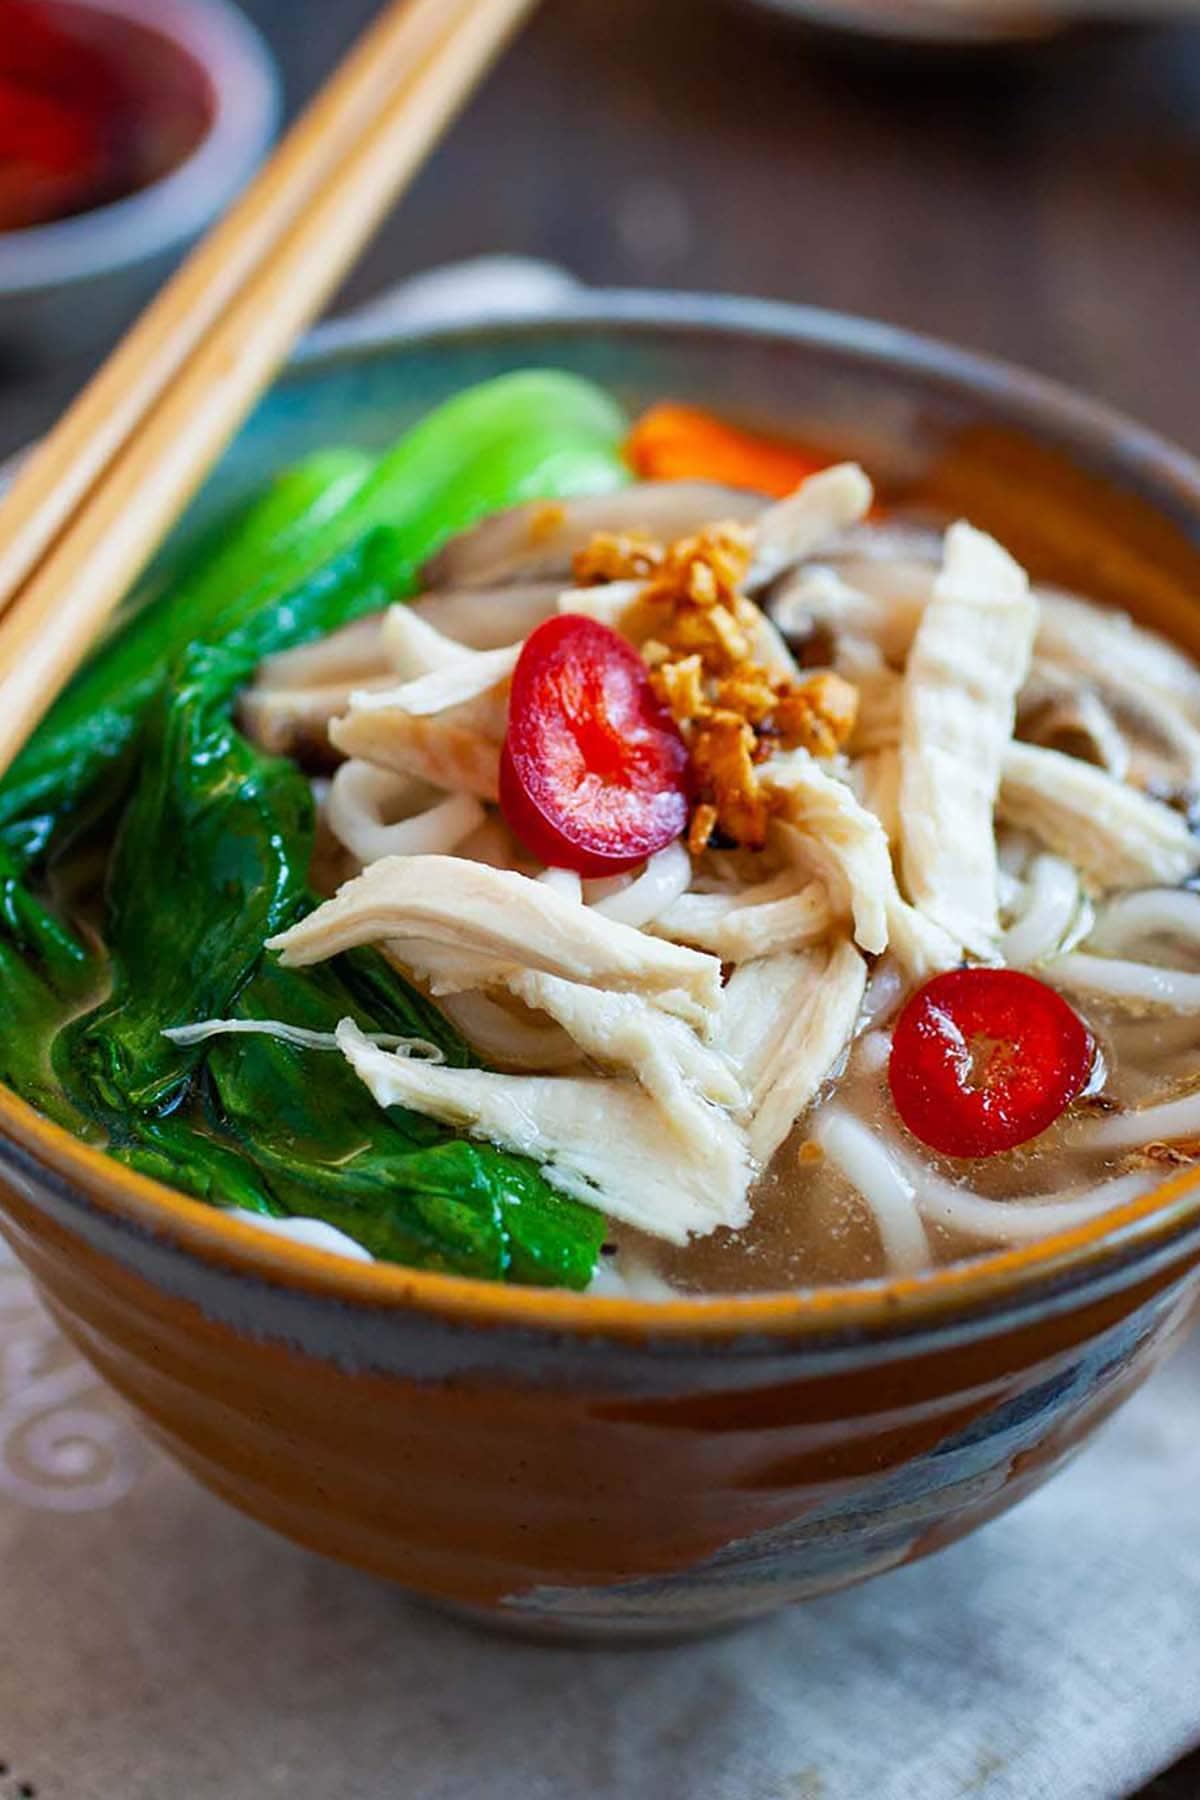 Soupe chinoise de nouilles au poulet à base de bouillon de poulet et de nouilles de blé fraîches.